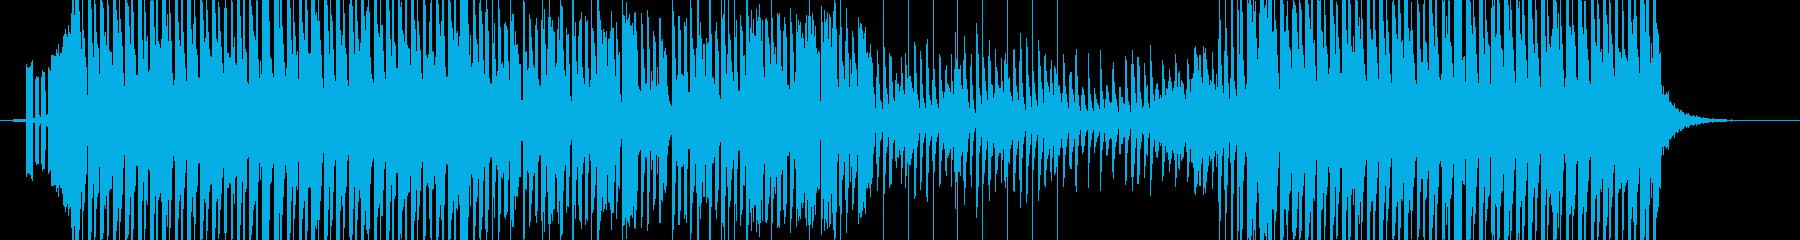 ダークメルヘンなきらきら星(中毒性あり)の再生済みの波形